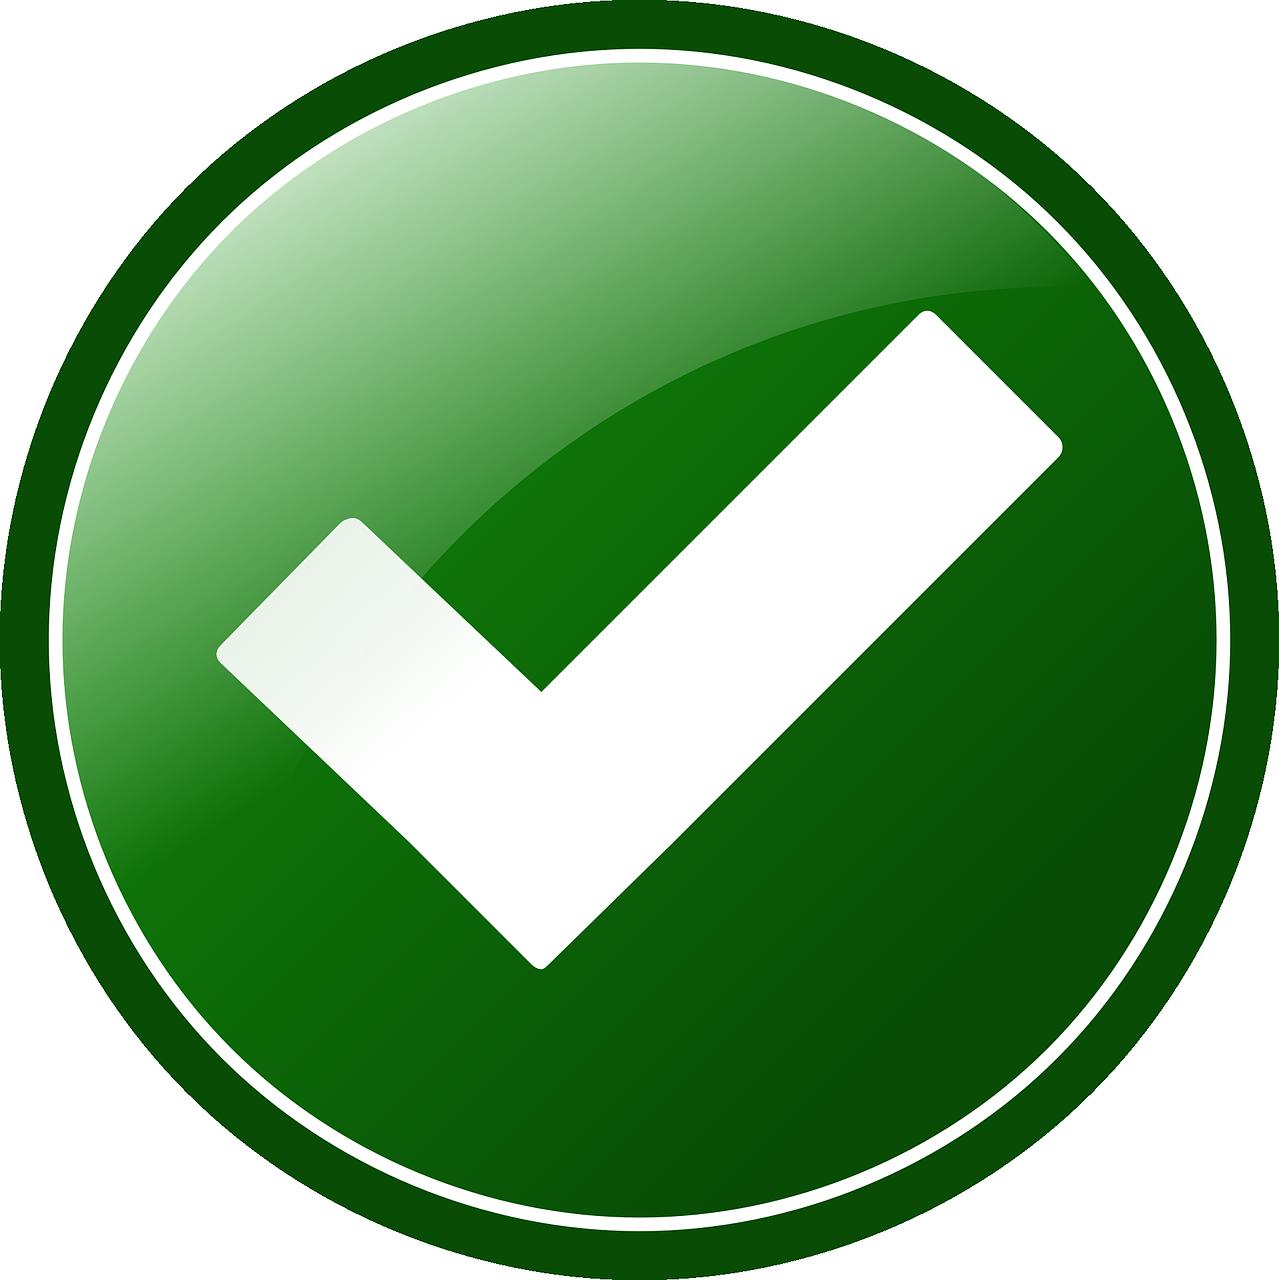 Wijziging eerste aanleveringsdatum voor rapportage gifcentra goedgekeurd